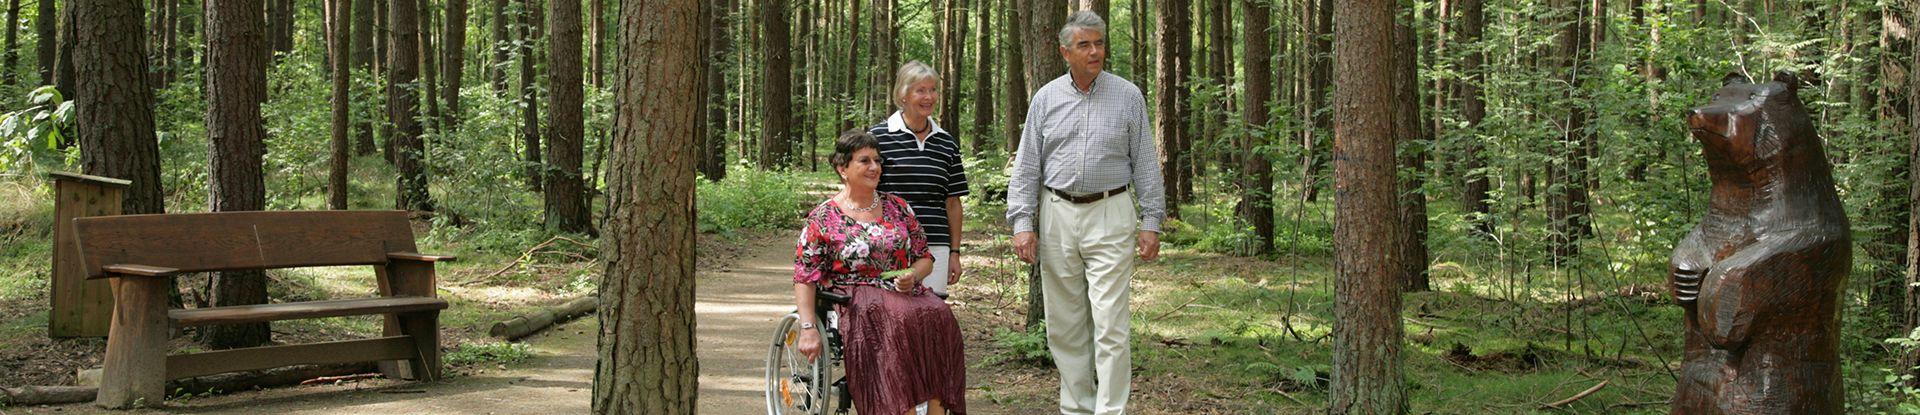 Rollstuhlwanderweg der Fürst Donnersmarck-Stiftung in Bad Bevensen